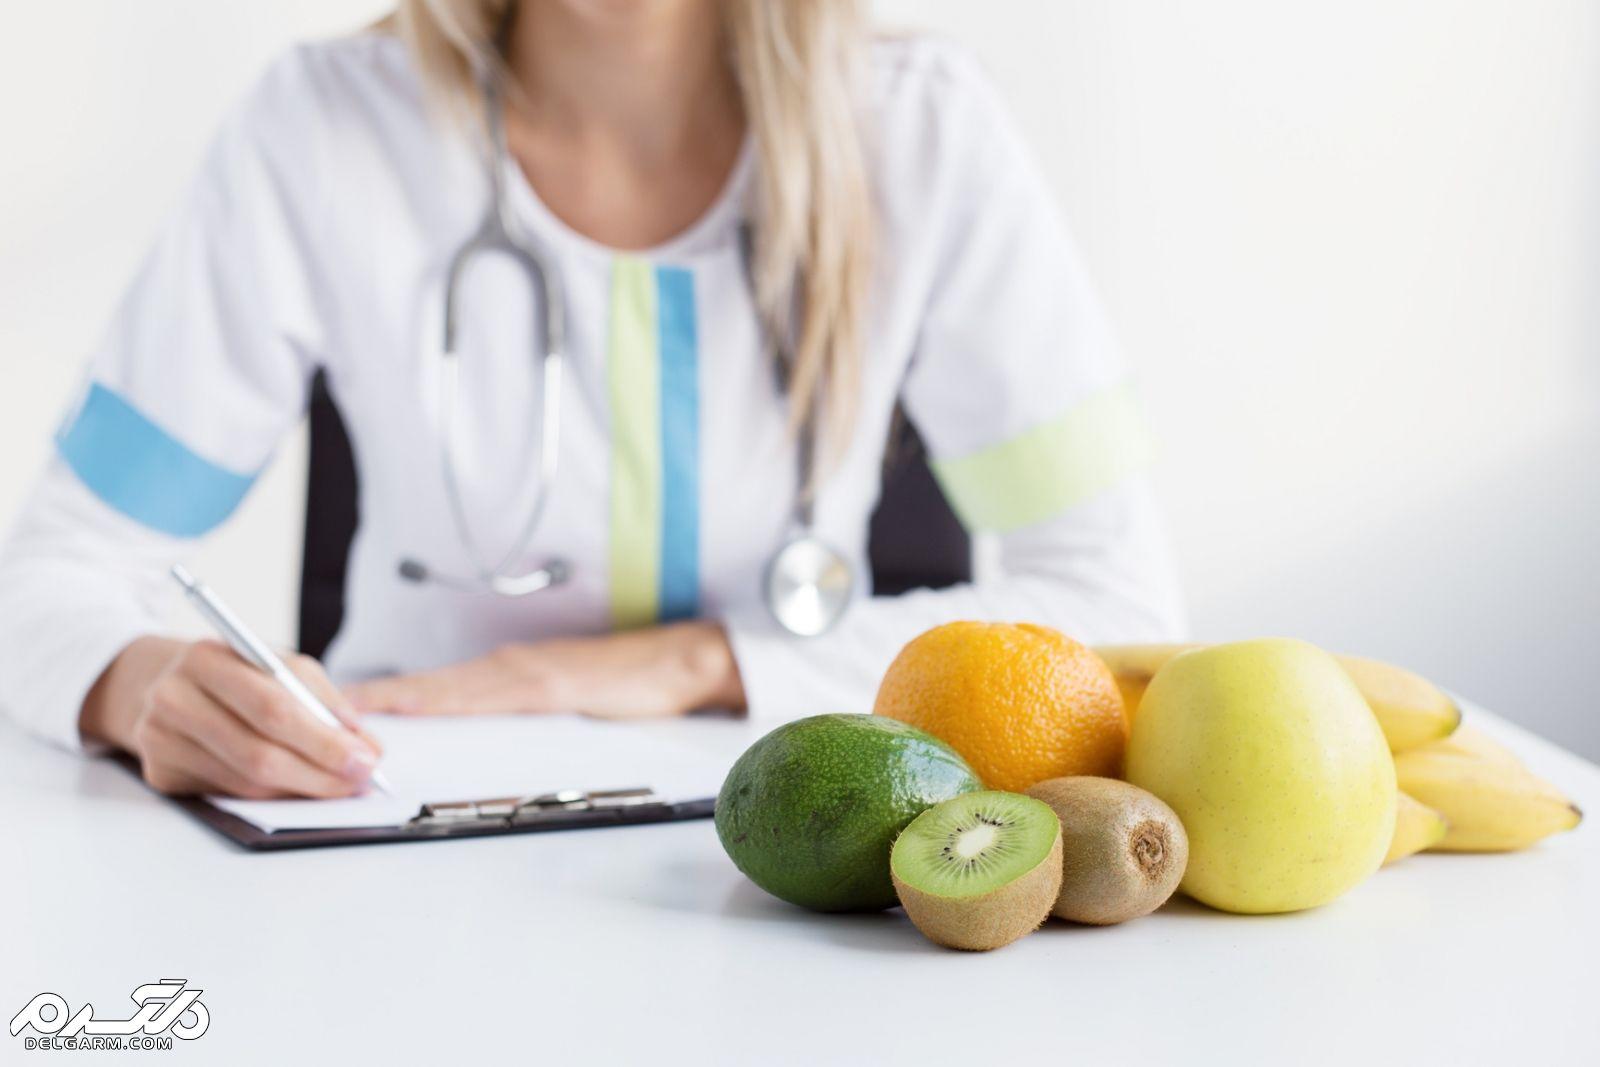 برای عیادت از بیمار چه خوراکی هایی ببرم ؟